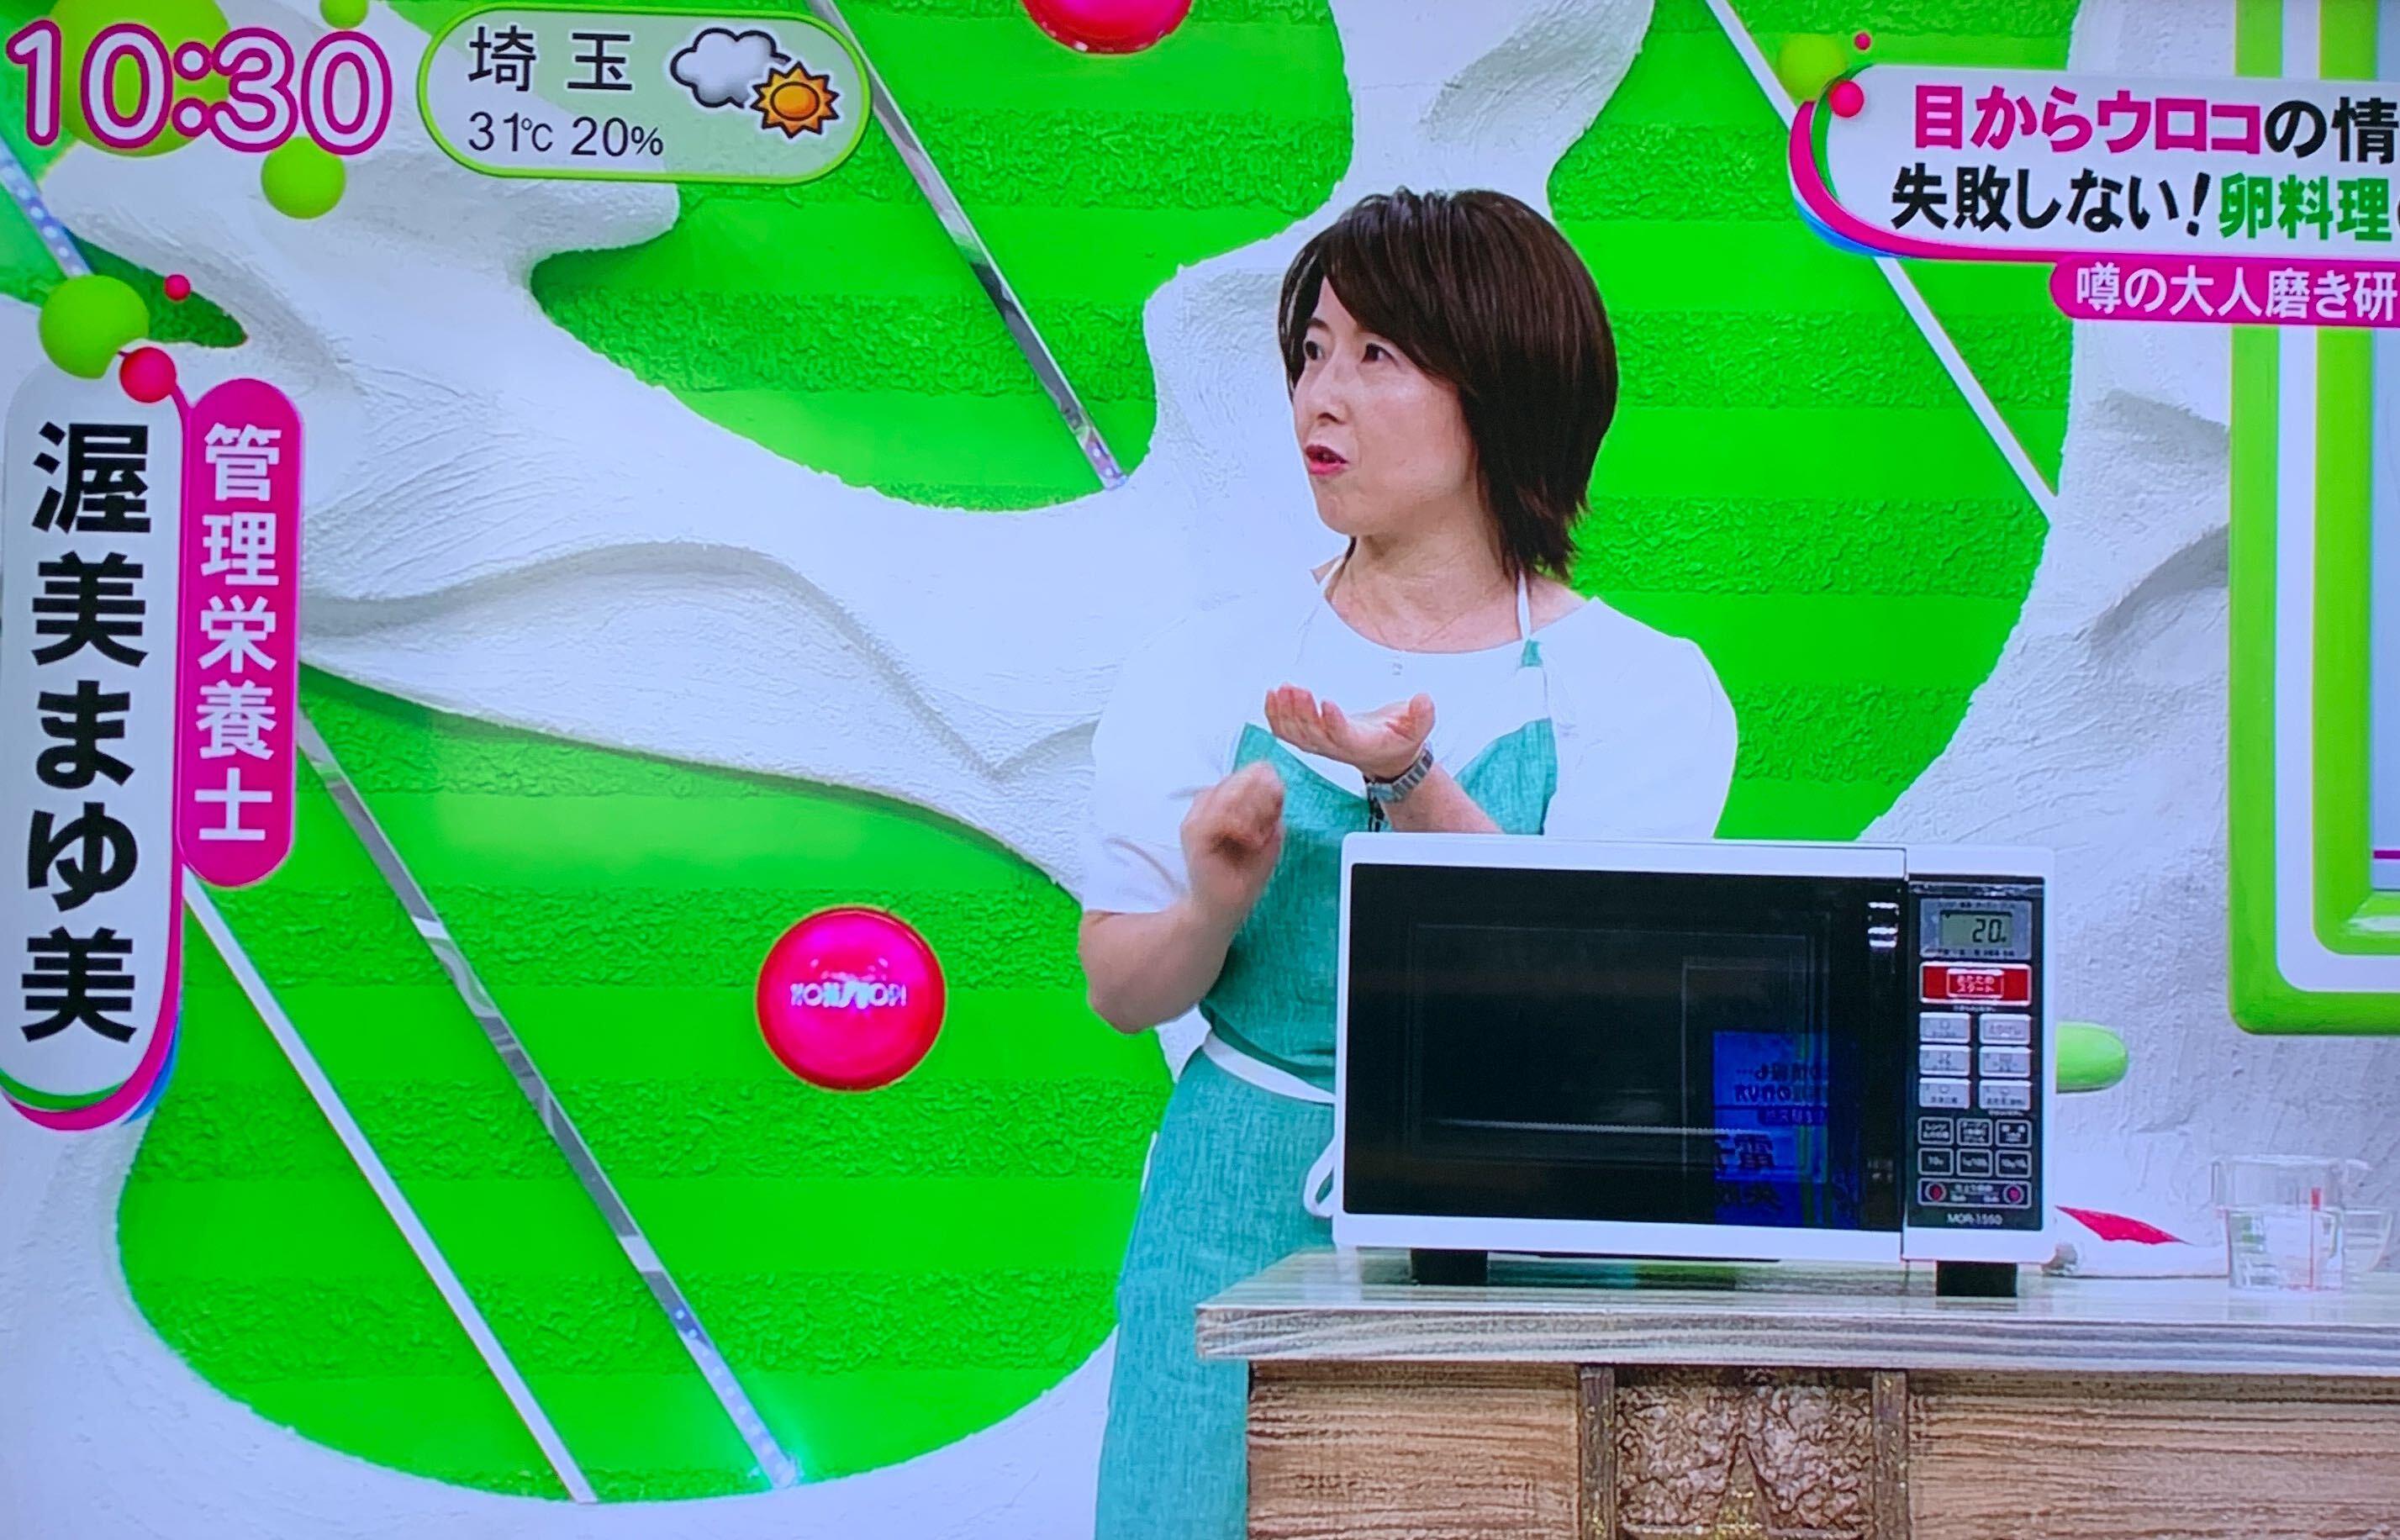 【テレビ出演】ノンストップ「失敗しない定番料理」と家庭料理について